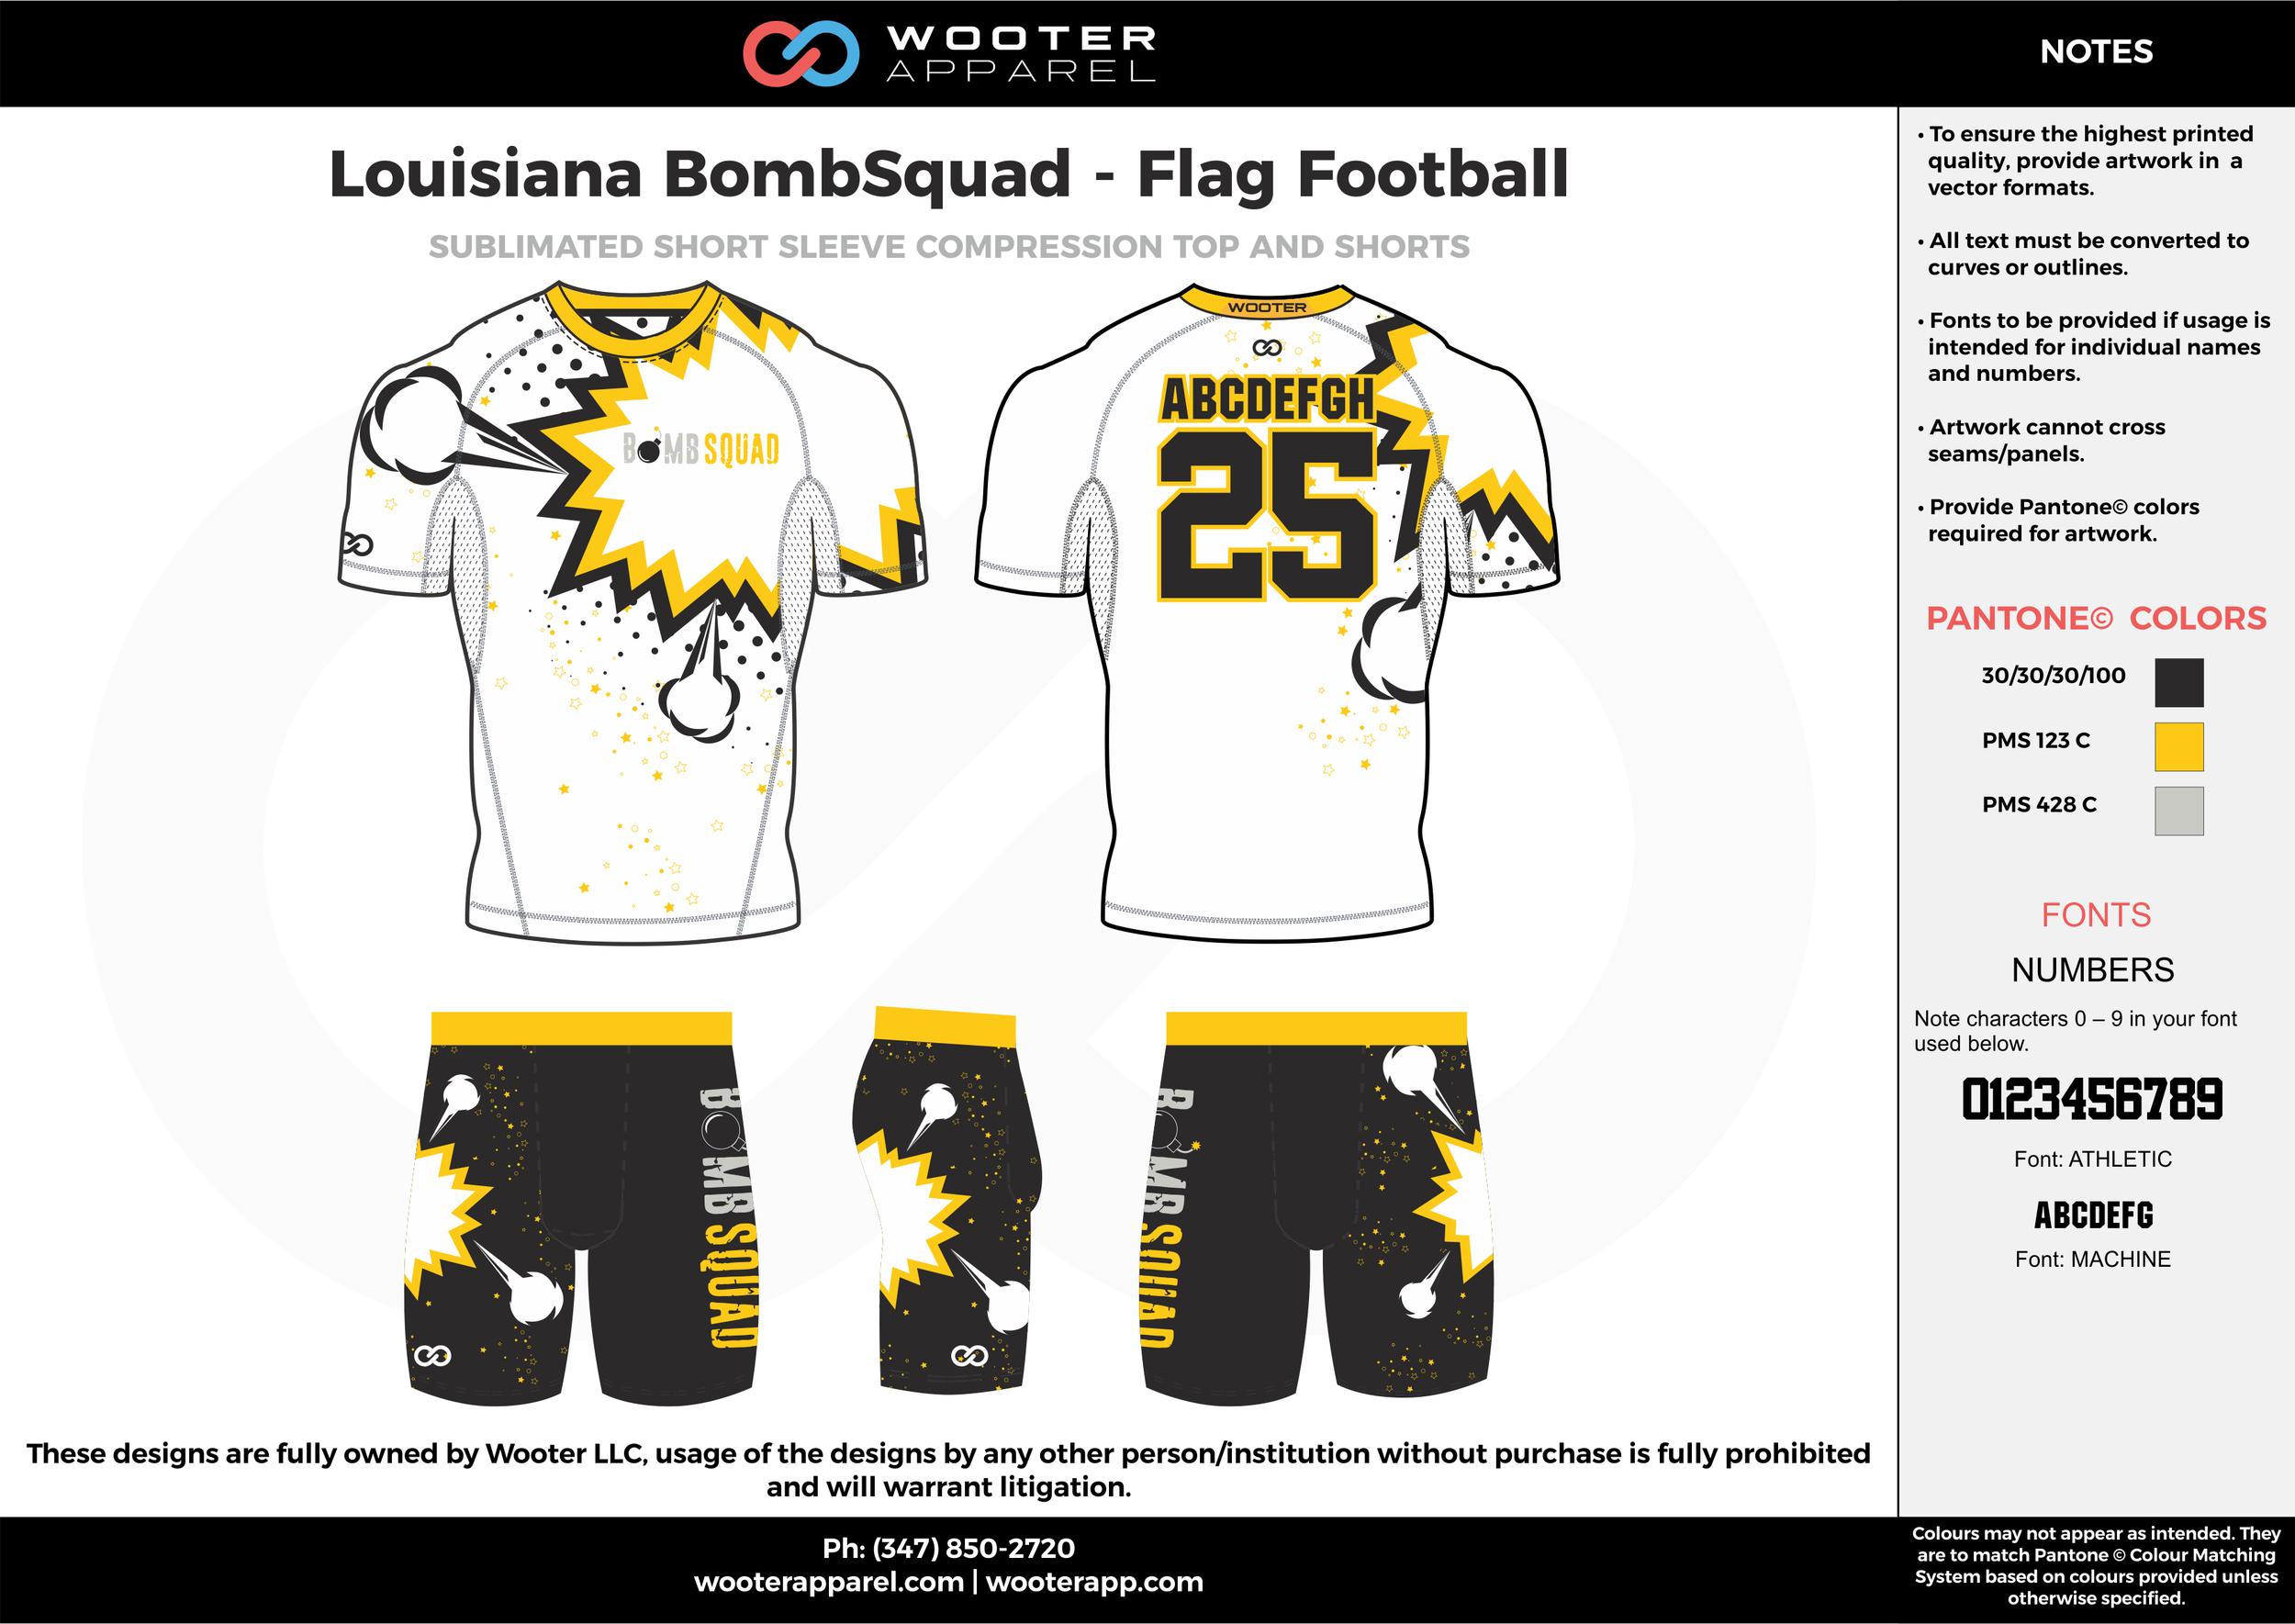 Louisiana BombSquad - Flag Football white black yellow gray flag football uniforms jerseys shorts